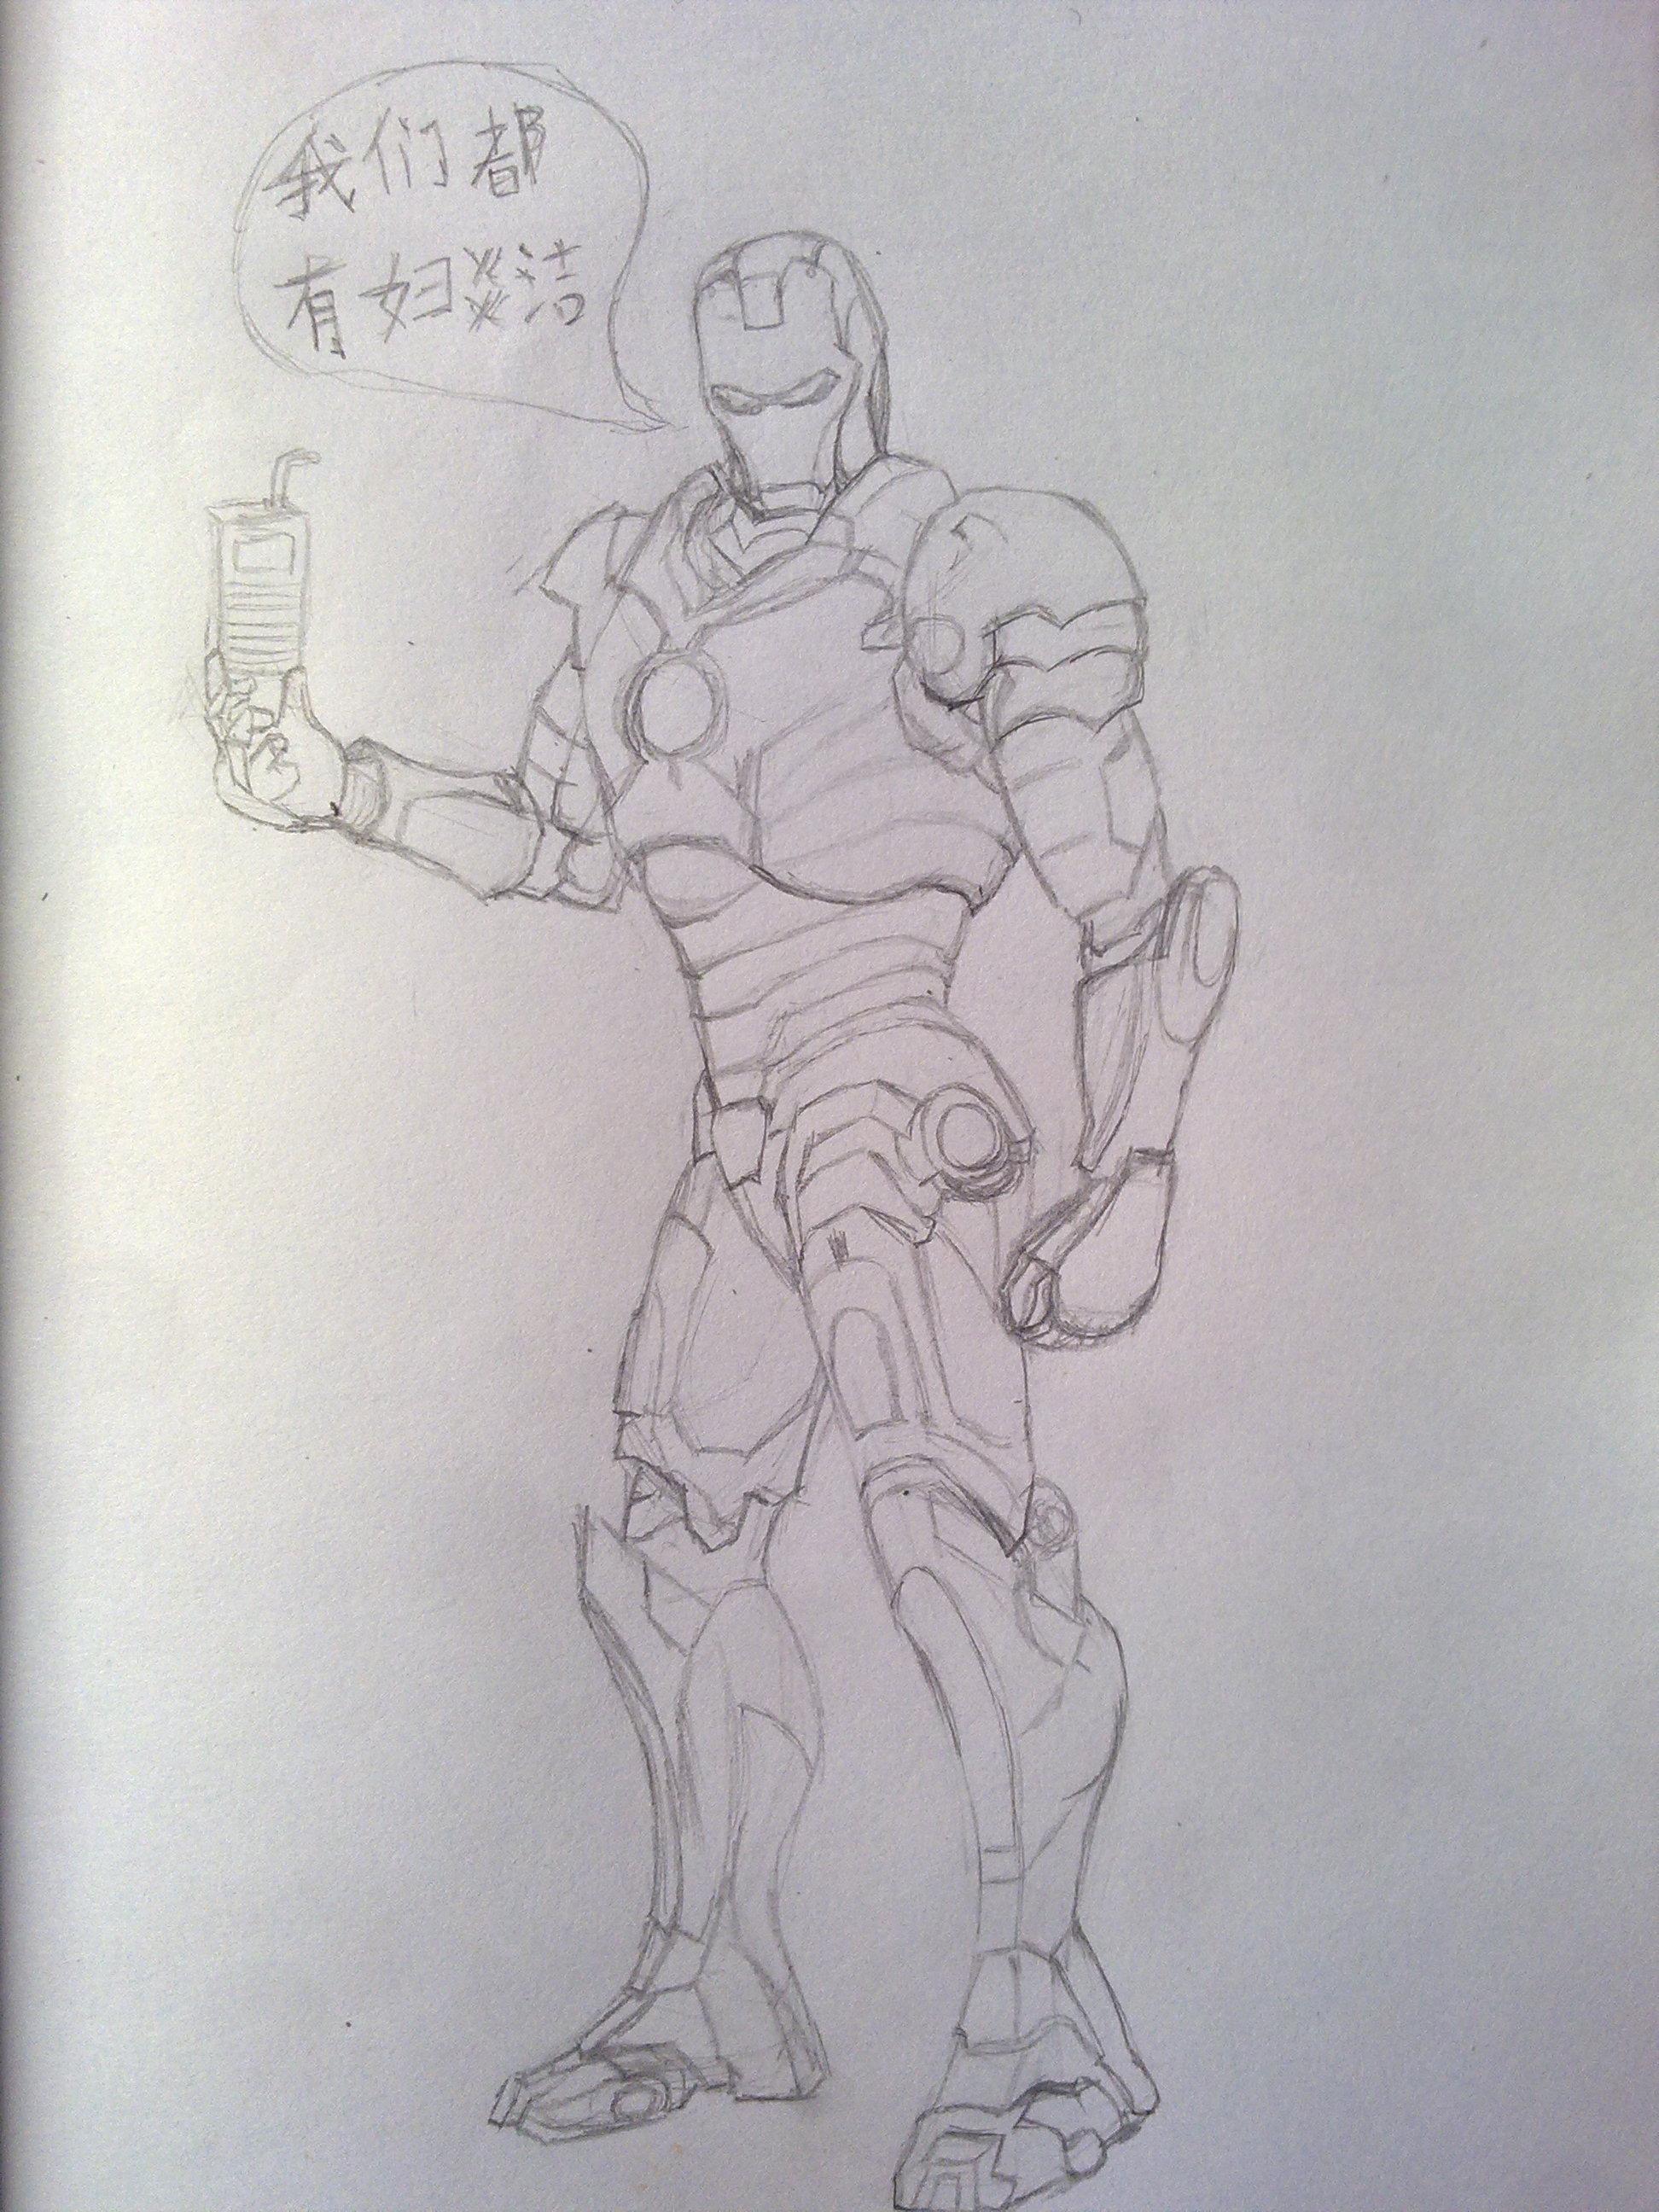 海贼王素描铅笔画(2); 原创作品:第一次尝试用彩色铅笔画的钢铁侠;